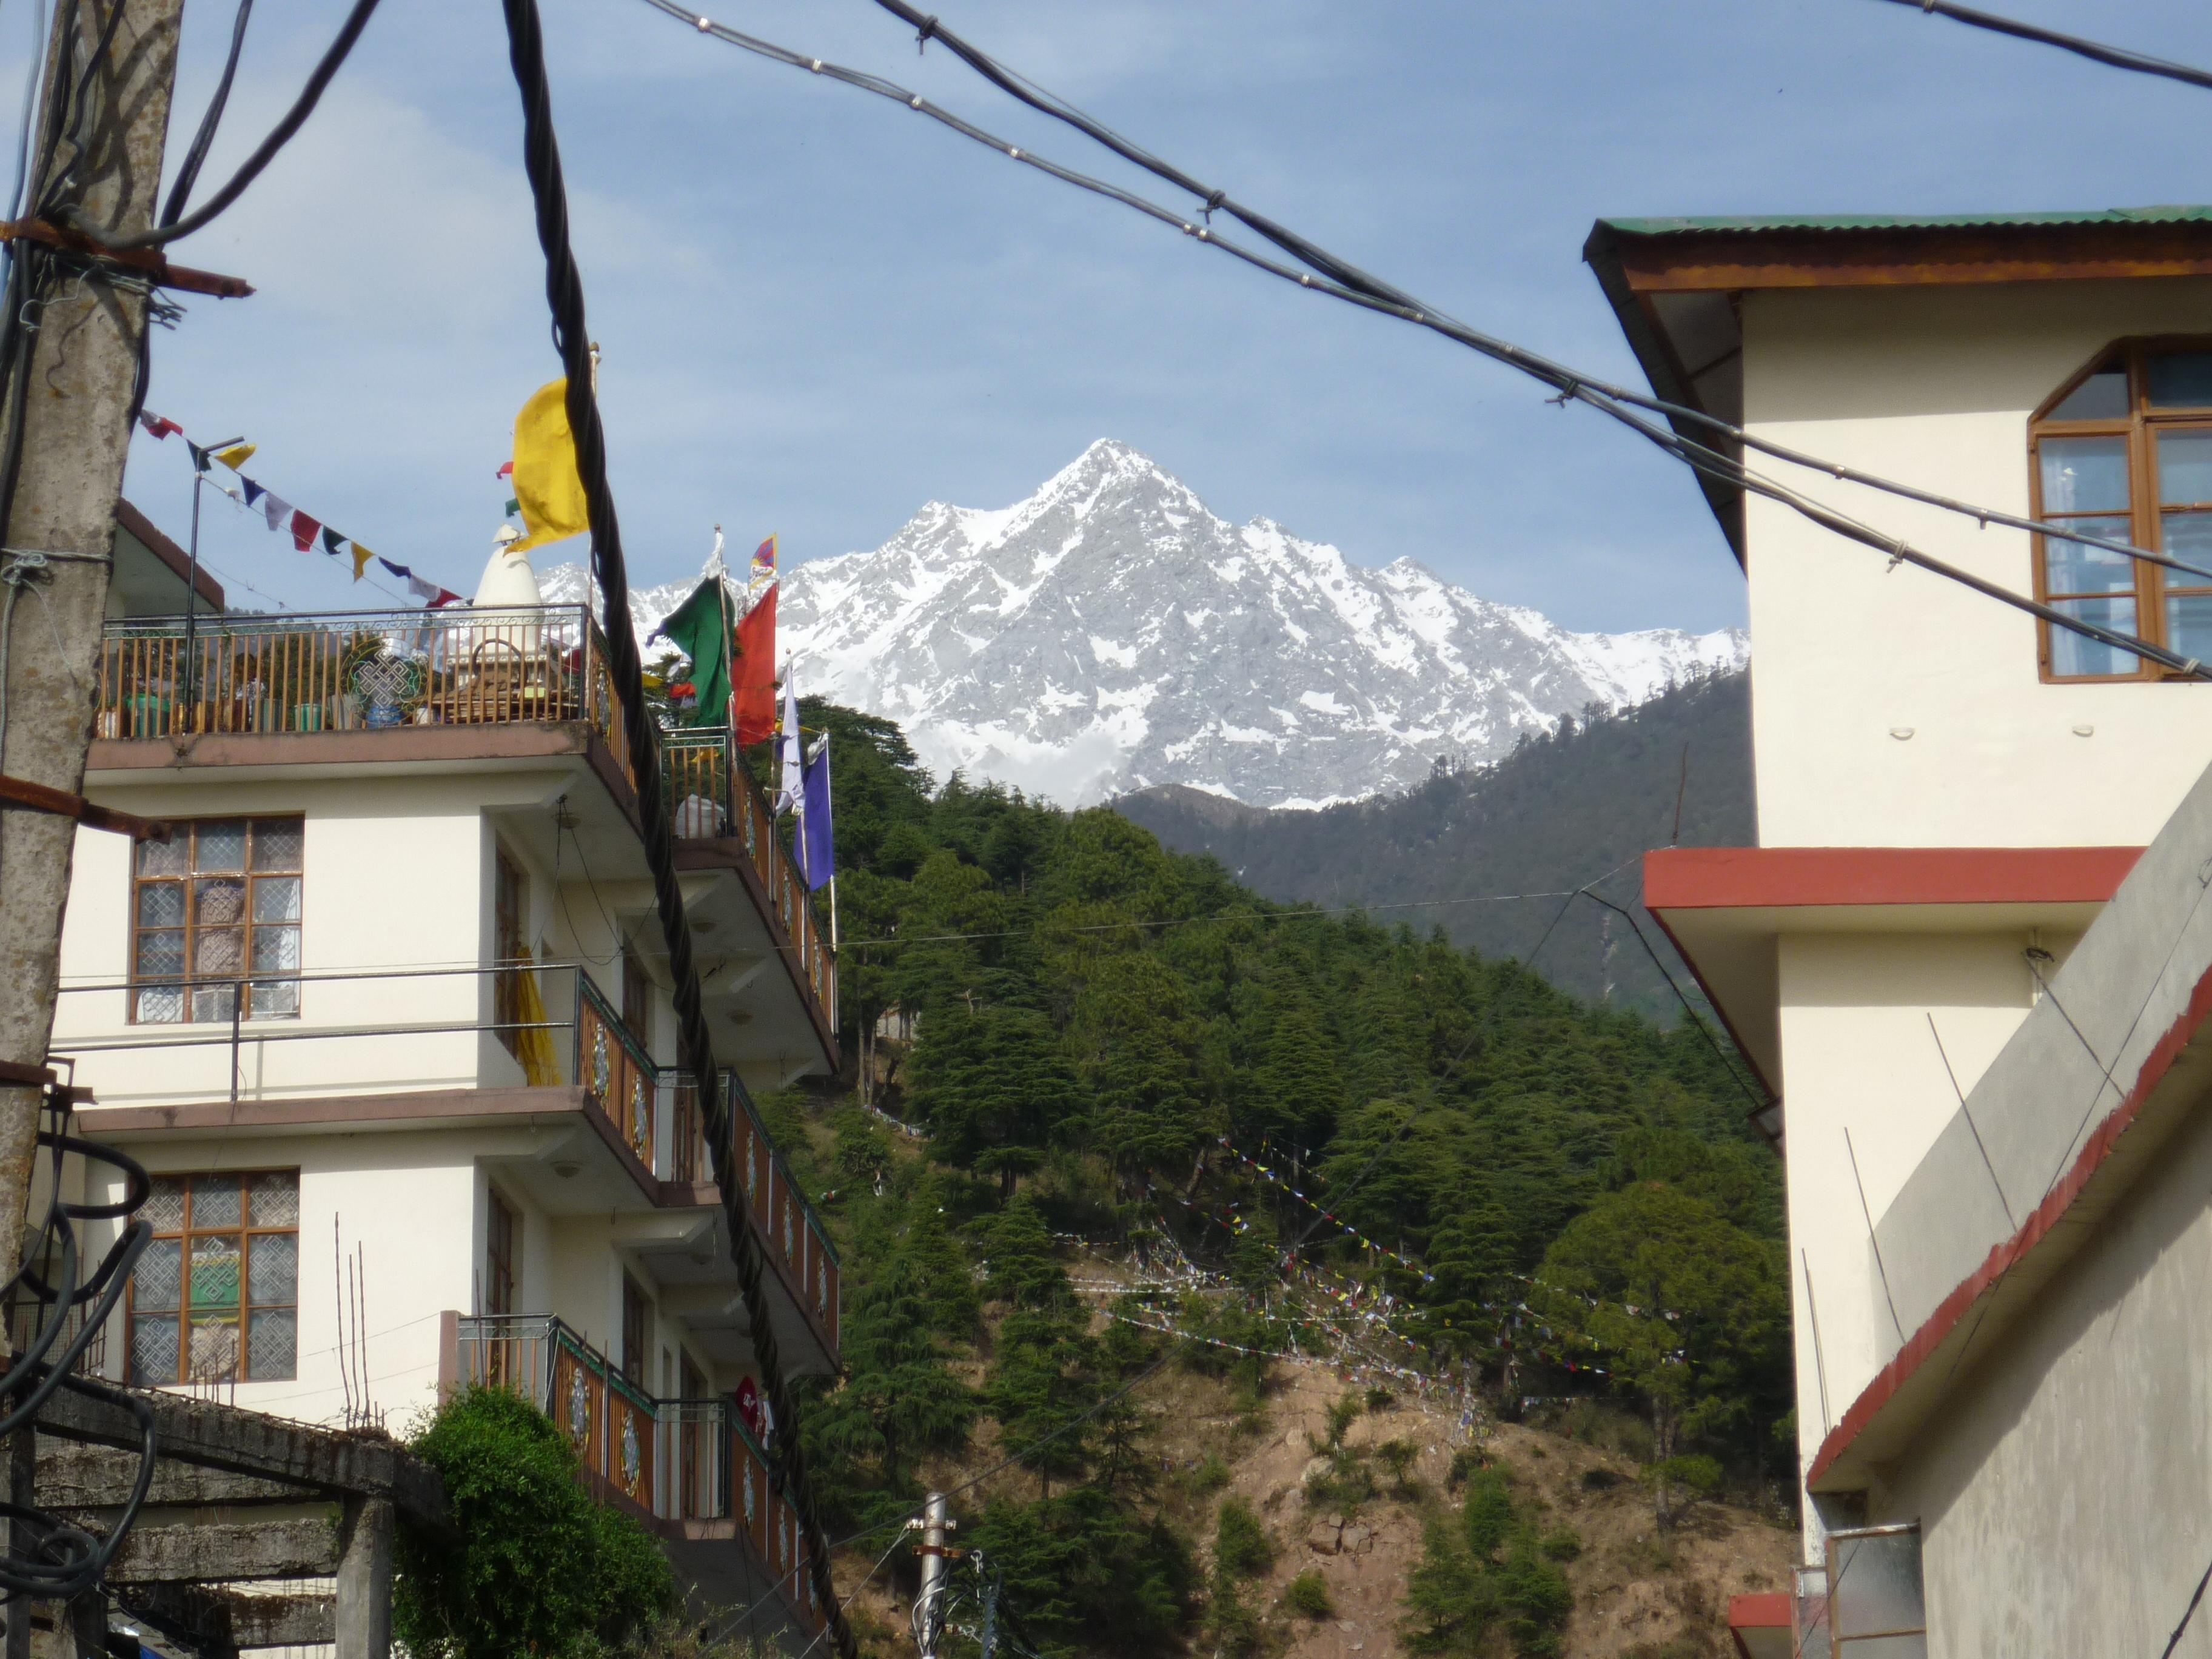 Dharamsala // Dharamsala in den Bergen des Himalaja ist der offizielle Sitz der Tibetischen Exilregierung. An manchen Tagen im Jahr gibt der Dalai Lama Teachings, zu welchen hunderte Menschen aus aller Welt strömen. Leider habe ich kein Transistorradio bei mir, um der englischen Übersetzung seiner Rede zu lauschen, so dass es mir schnell langweilig wird und ich seinen Palast verlasse, um mir ein Frühstück zu gönnen. Bei einem Milchkaffee wird mir bewusst, dass ich weiterhin keinen Geistlichen in meinem Leben benötige und setze meinen Weg zum wahren Ursprung des Buddhismus fort ...